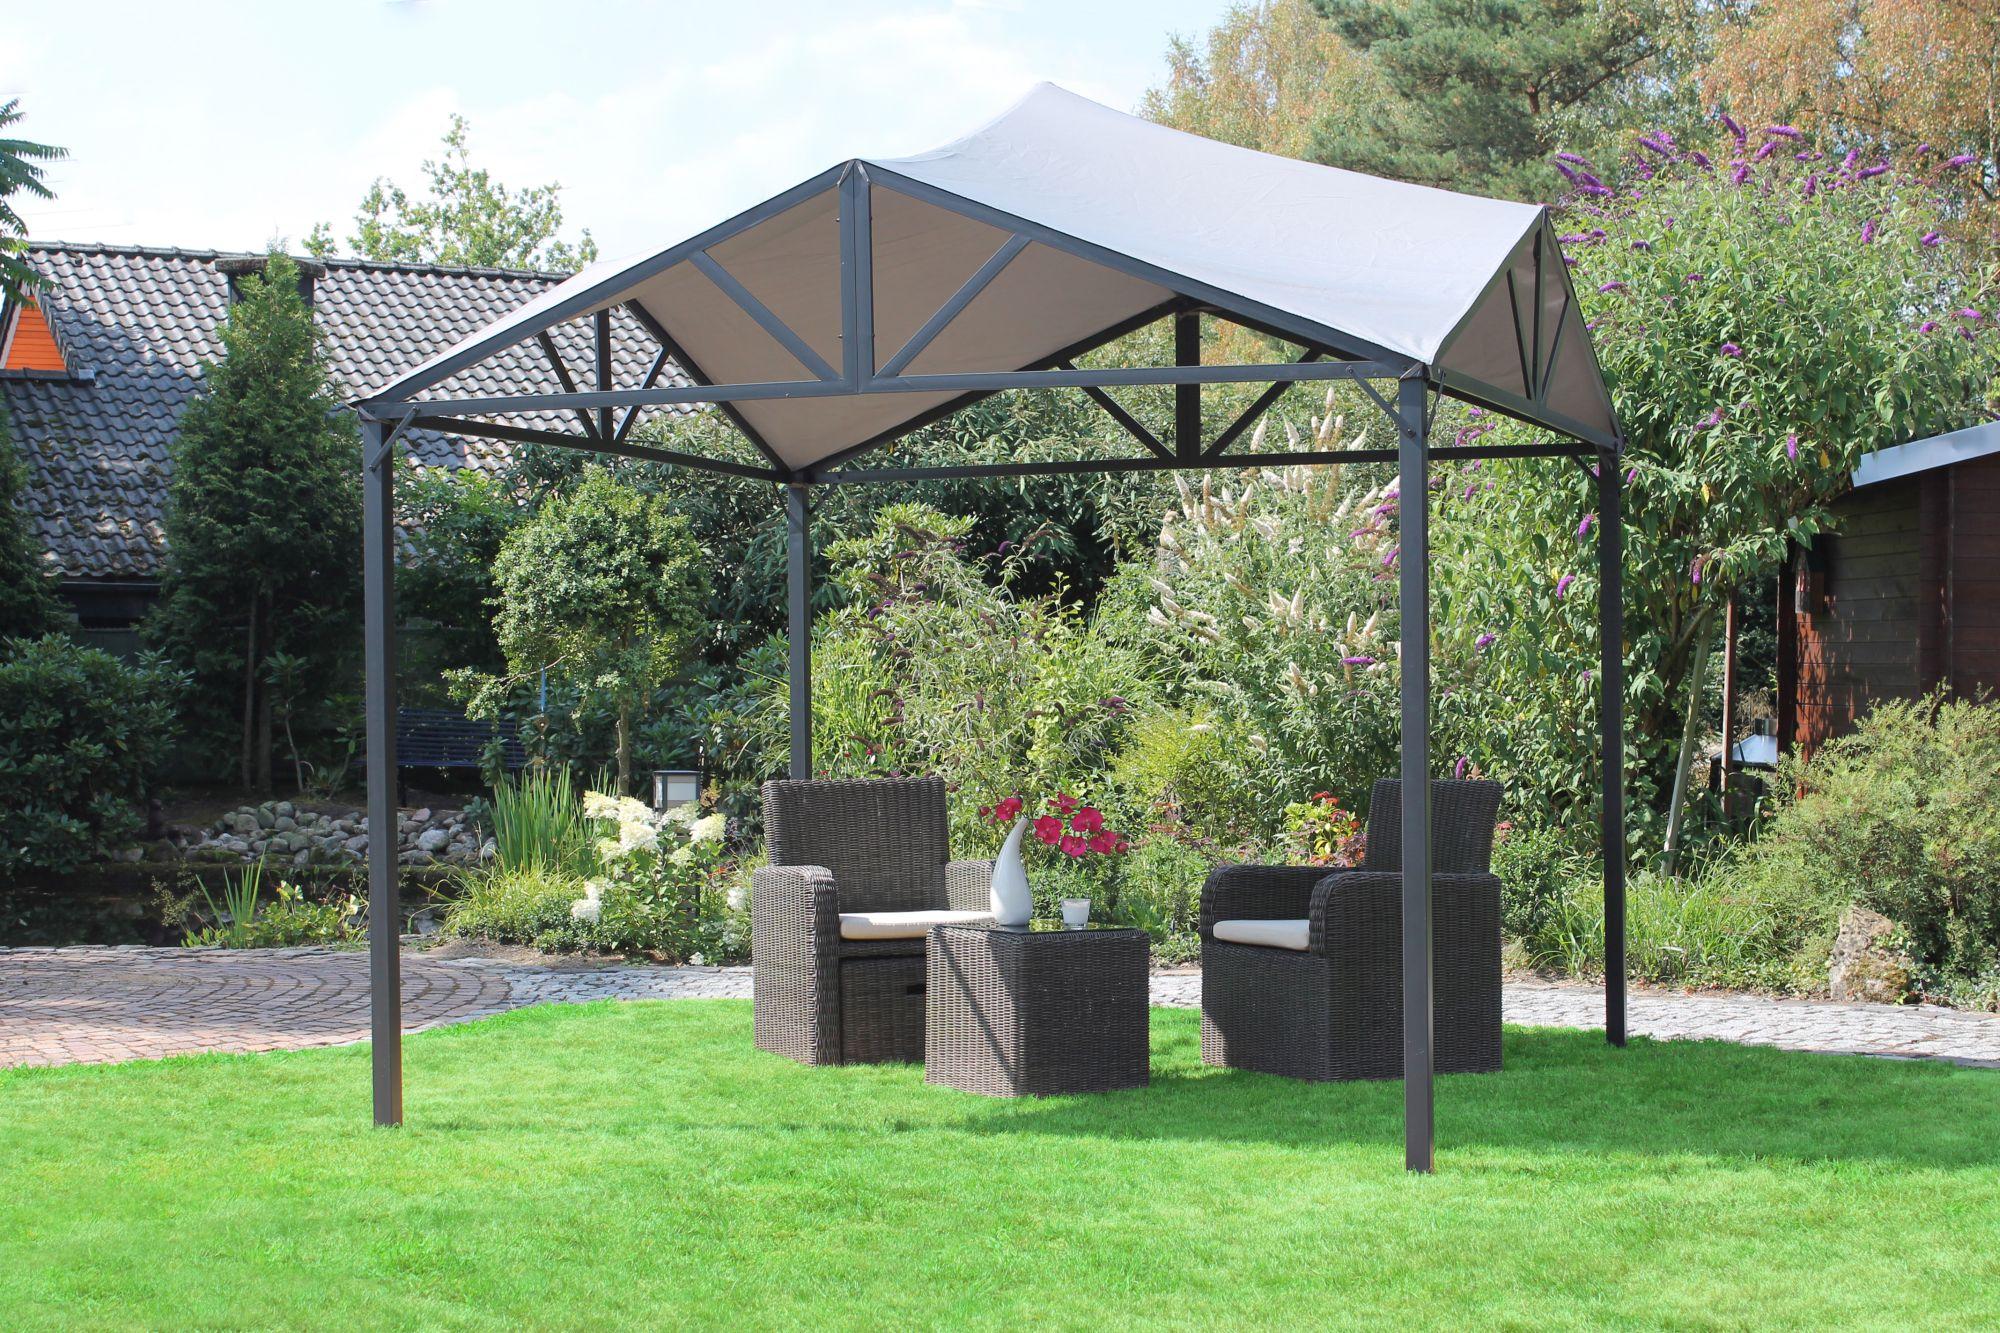 Full Size of Leco Solar Pavillon Lina Dach Terrasse Garten Berdachung Bewässerung Automatisch Loungemöbel Holz Whirlpool Aufblasbar Spielhaus Versicherung Skulpturen Wohnzimmer Garten überdachung